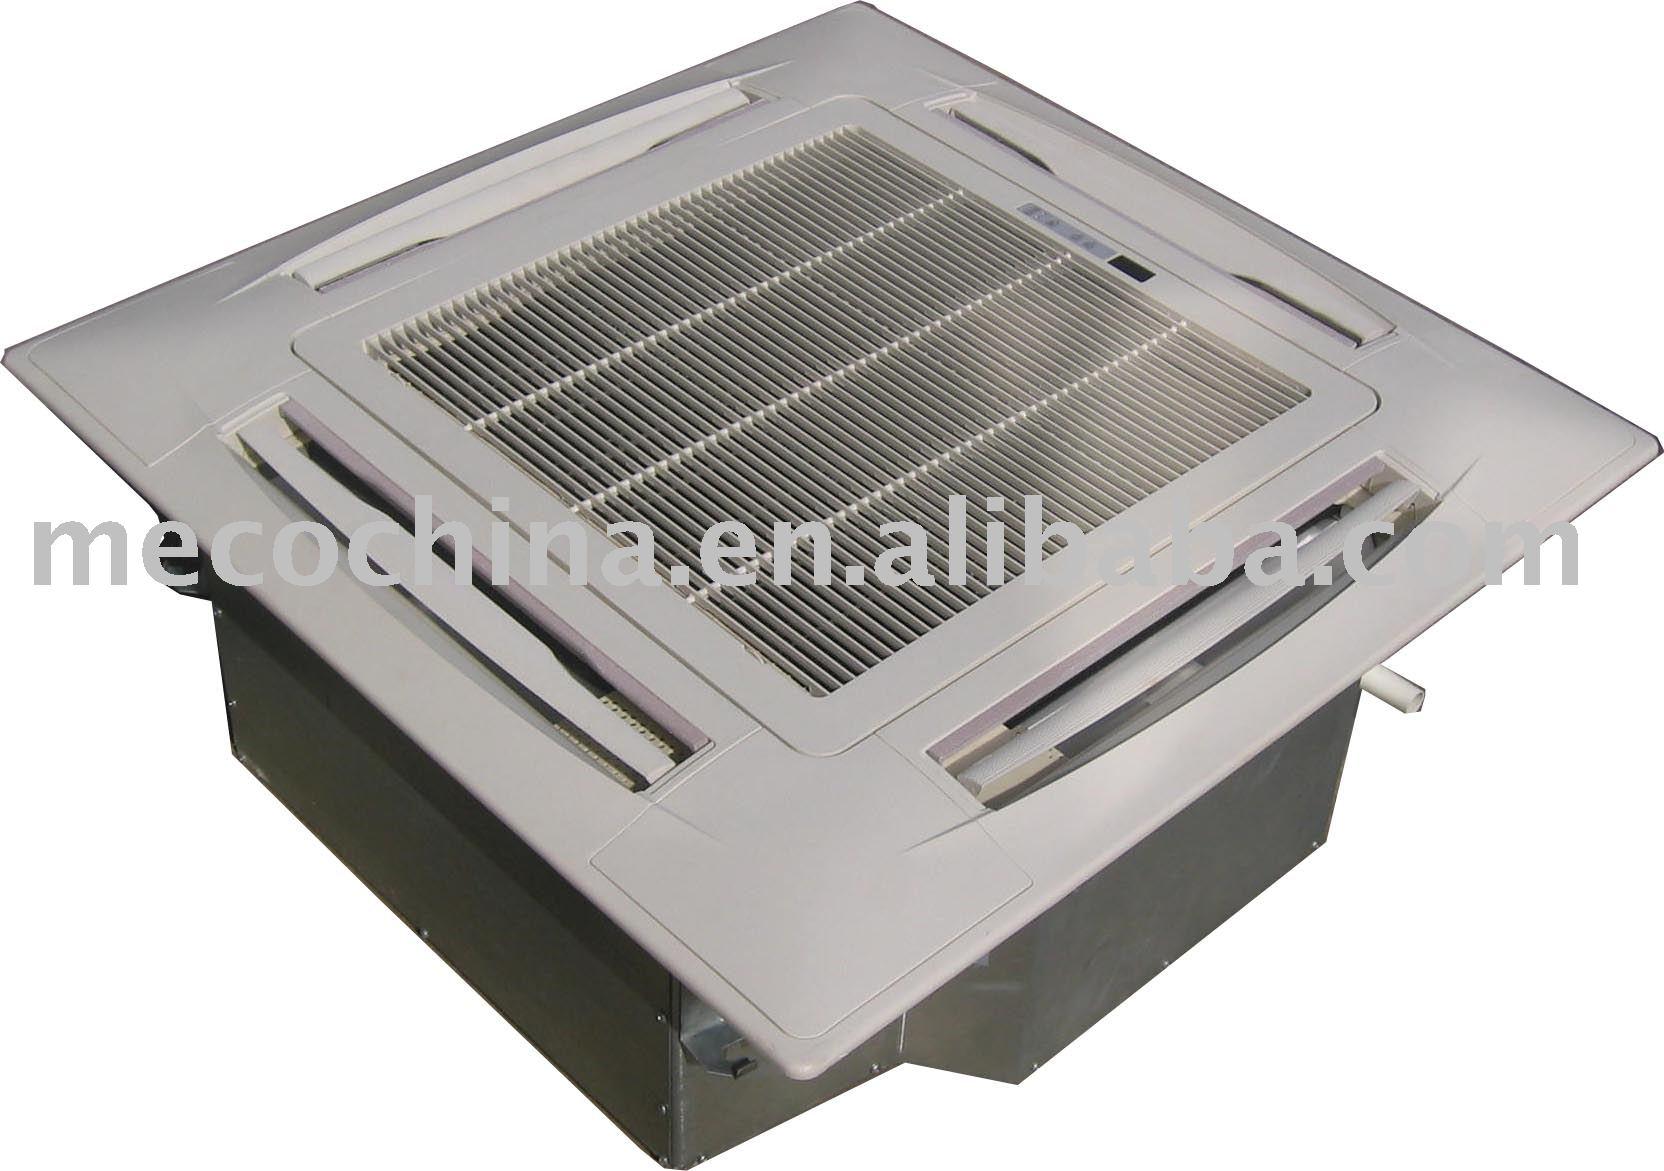 cassette fan coil air conditioner (FP 136KM Q1EE3) cassette fan coil  #3B3A33